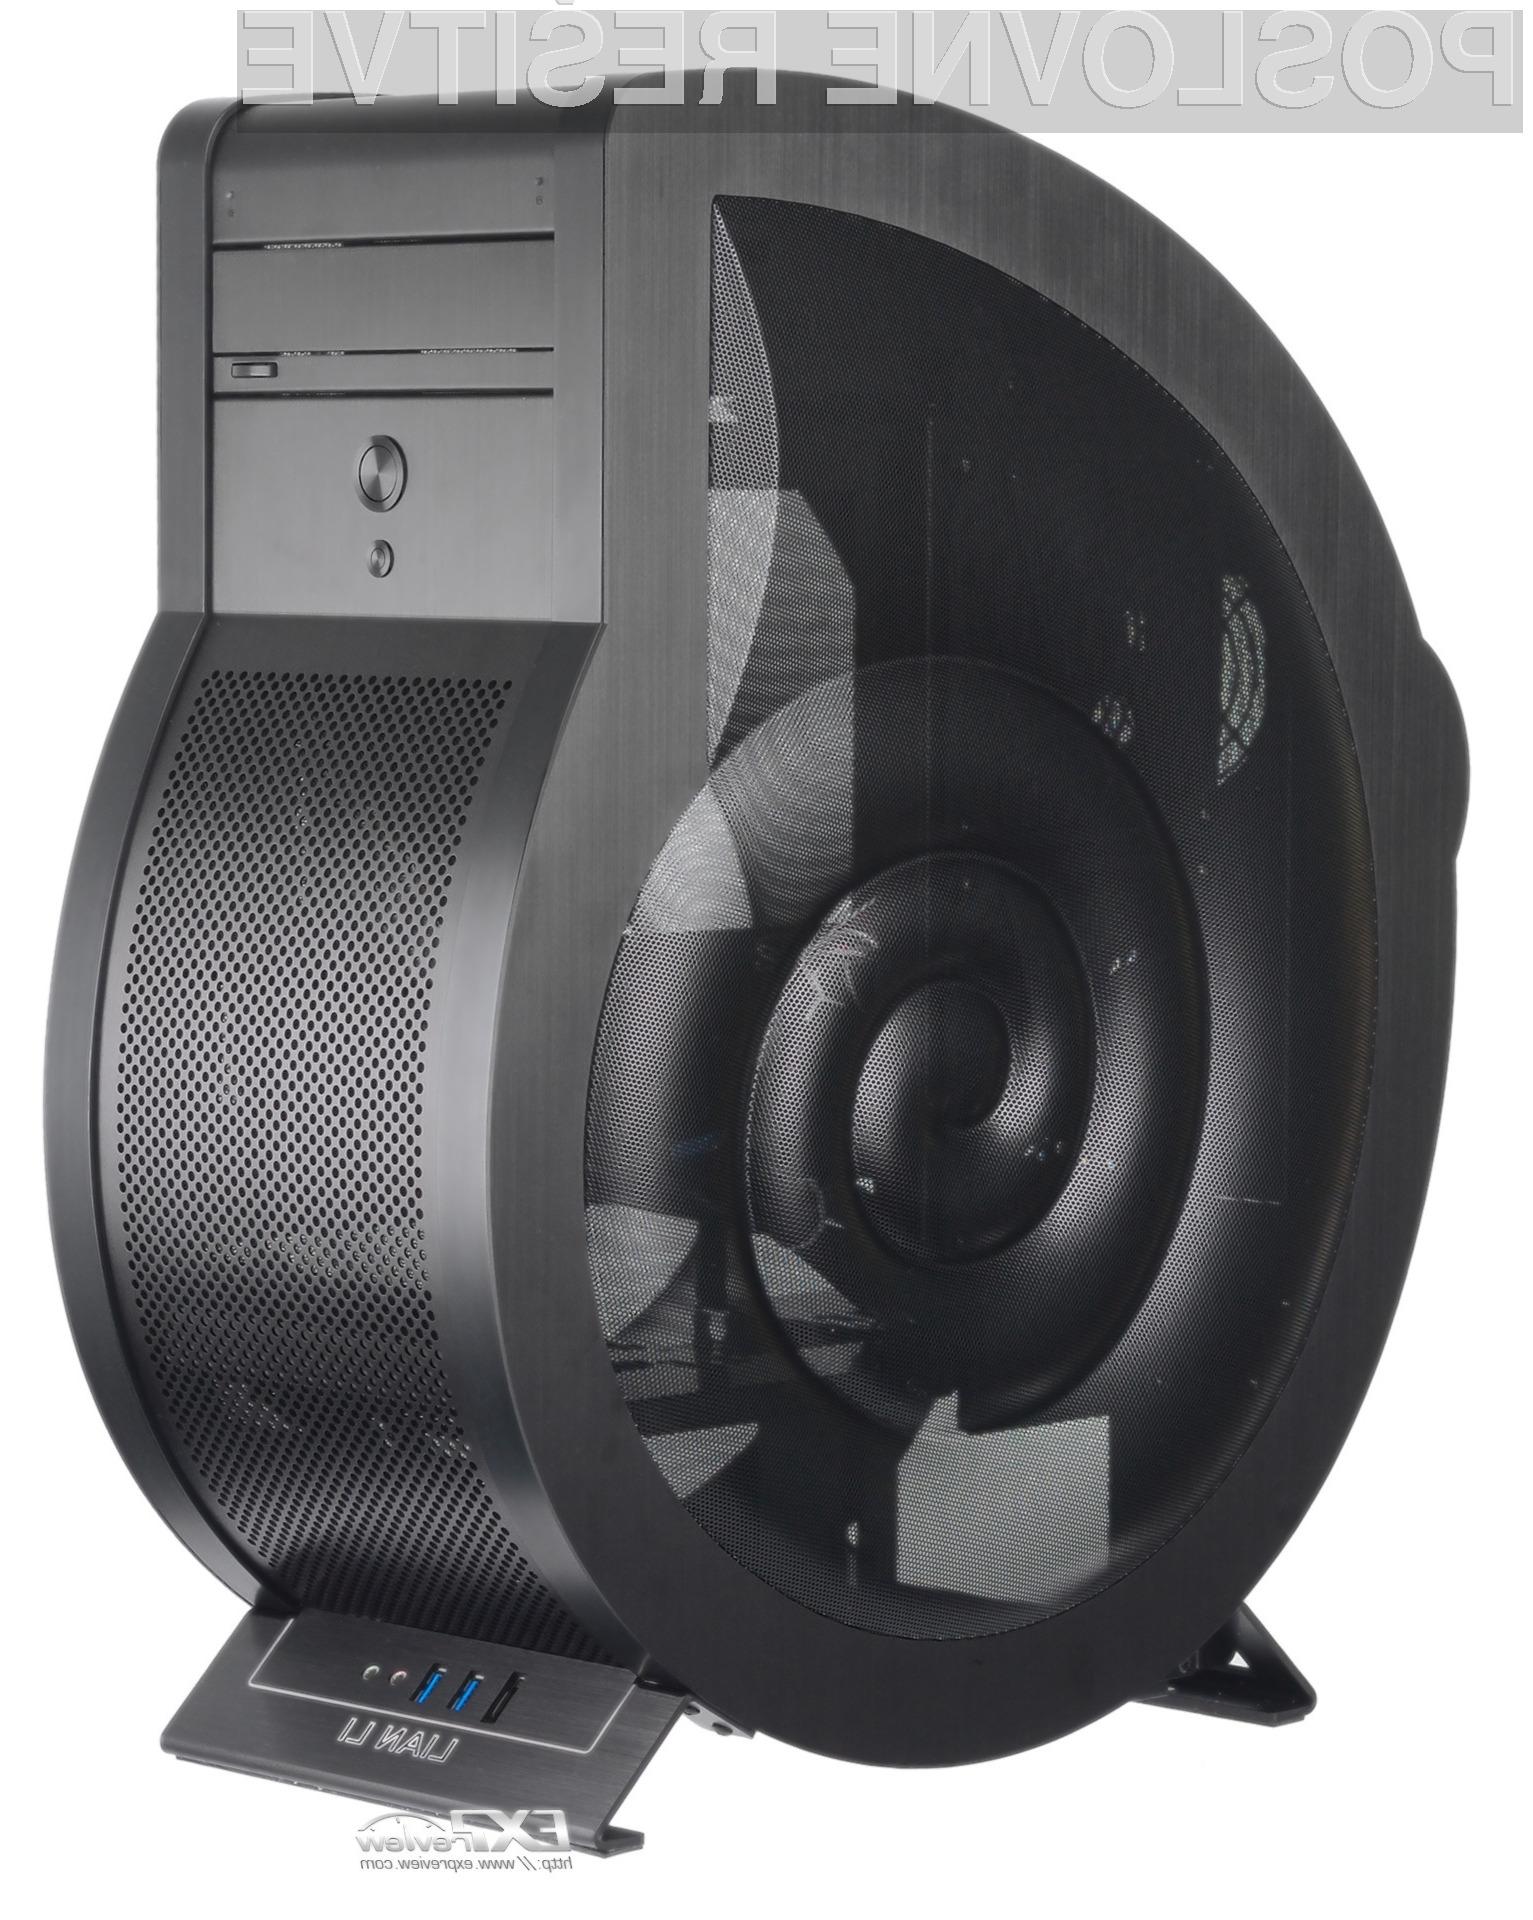 Ohišje Lian PC-U6 Cowry prinaša neobičajno obliko, dobro ventilacijo in dovolj prostora za plošče formata micro-ATX in zmogljivejše grafične kartice.